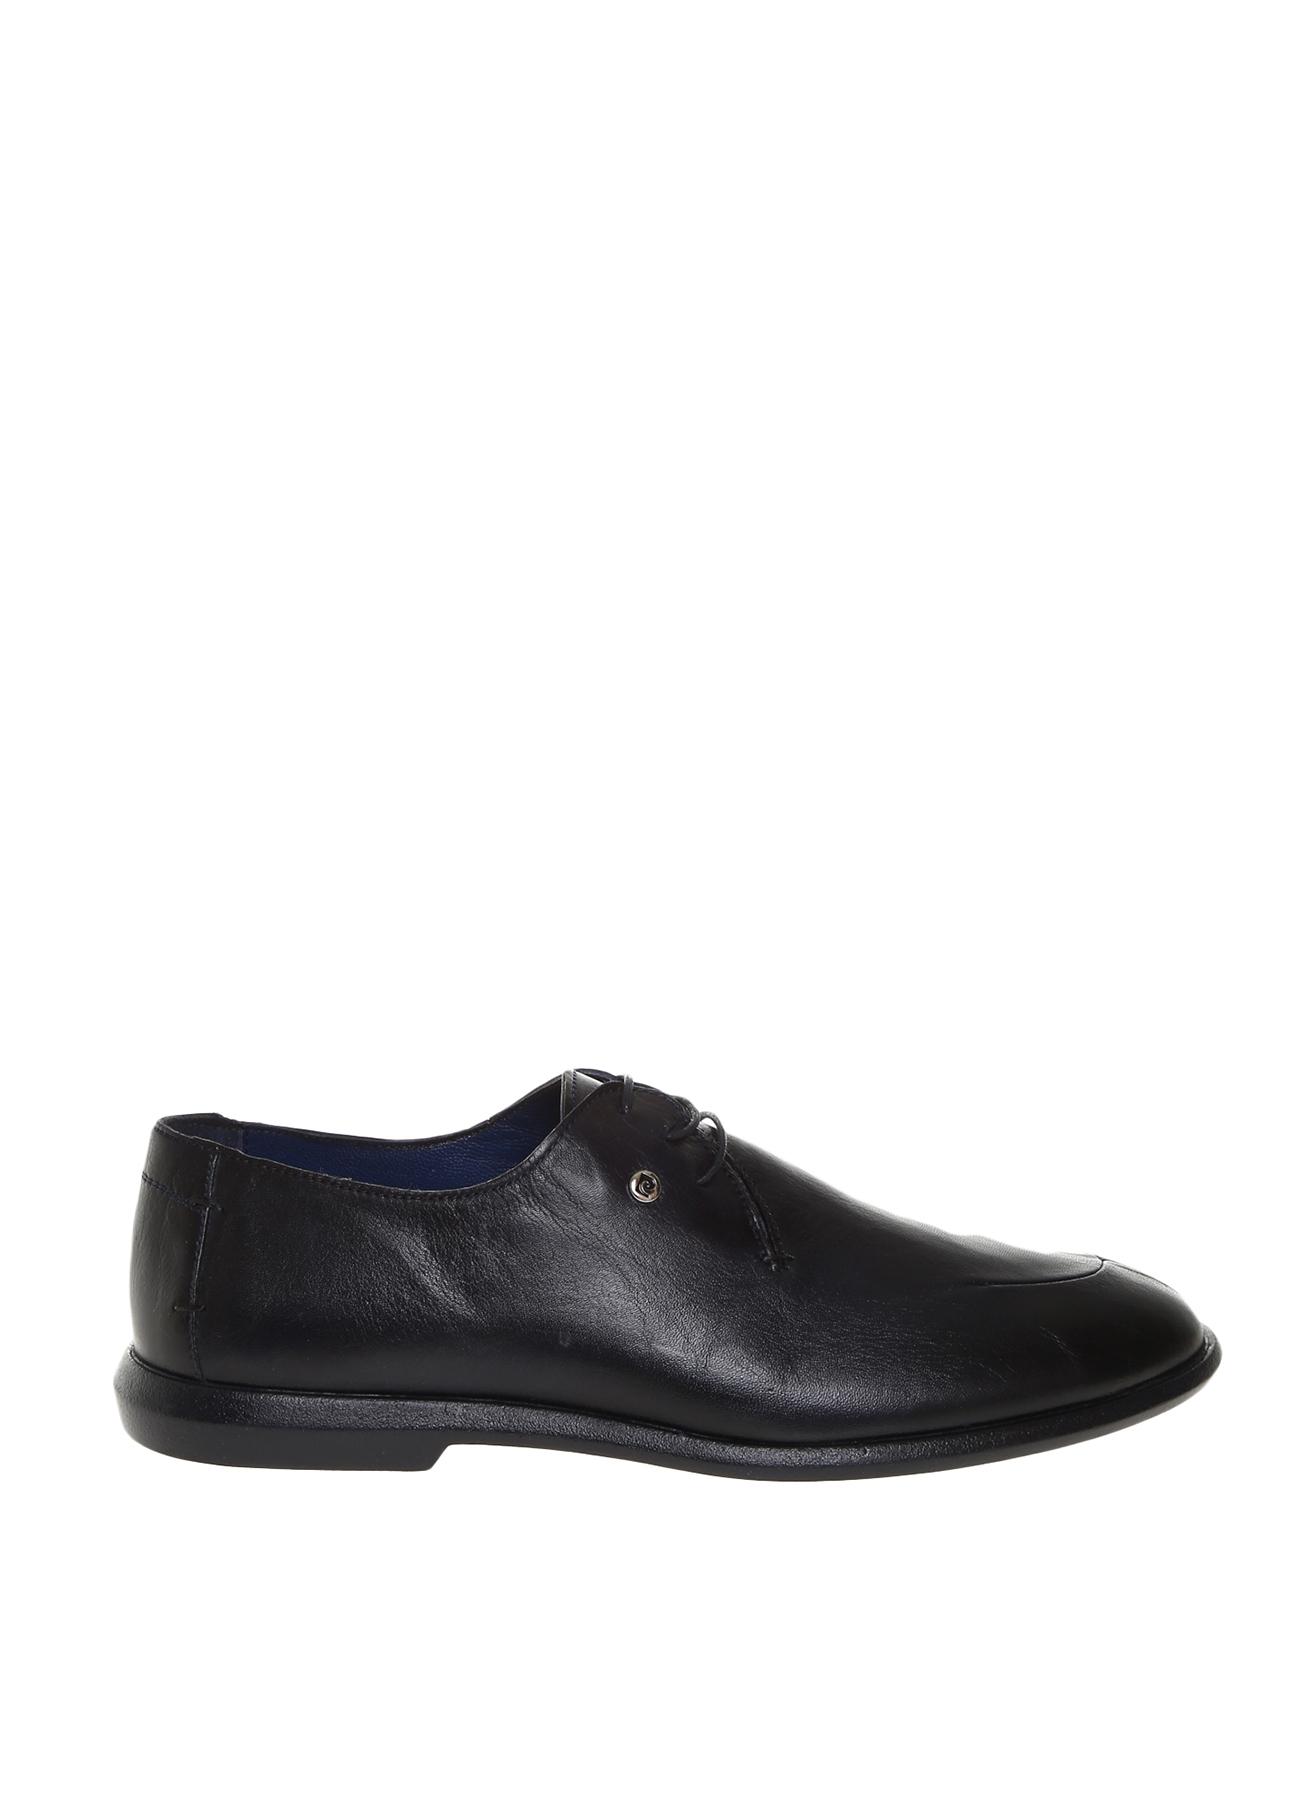 Pierre Cardin Klasik Ayakkabı 43 5001911316004 Ürün Resmi